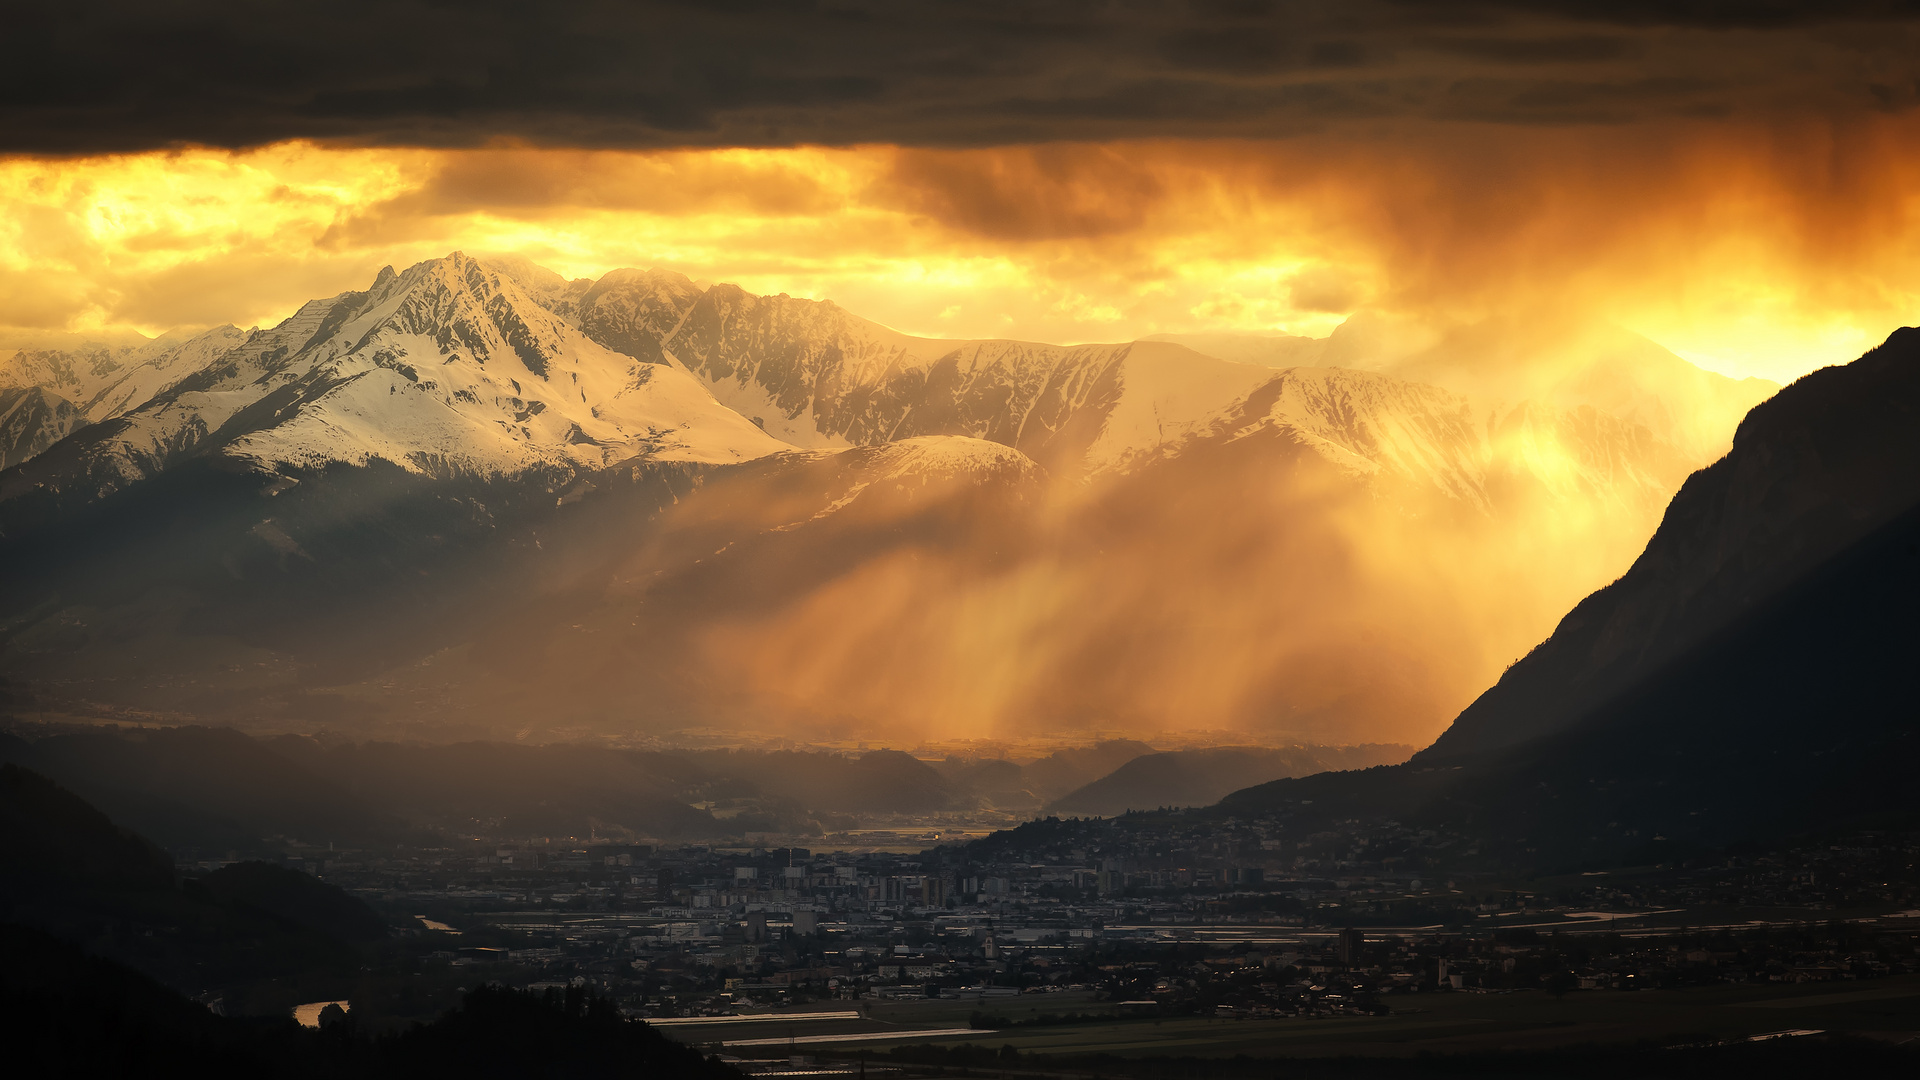 Die Alpen und das Abendlicht